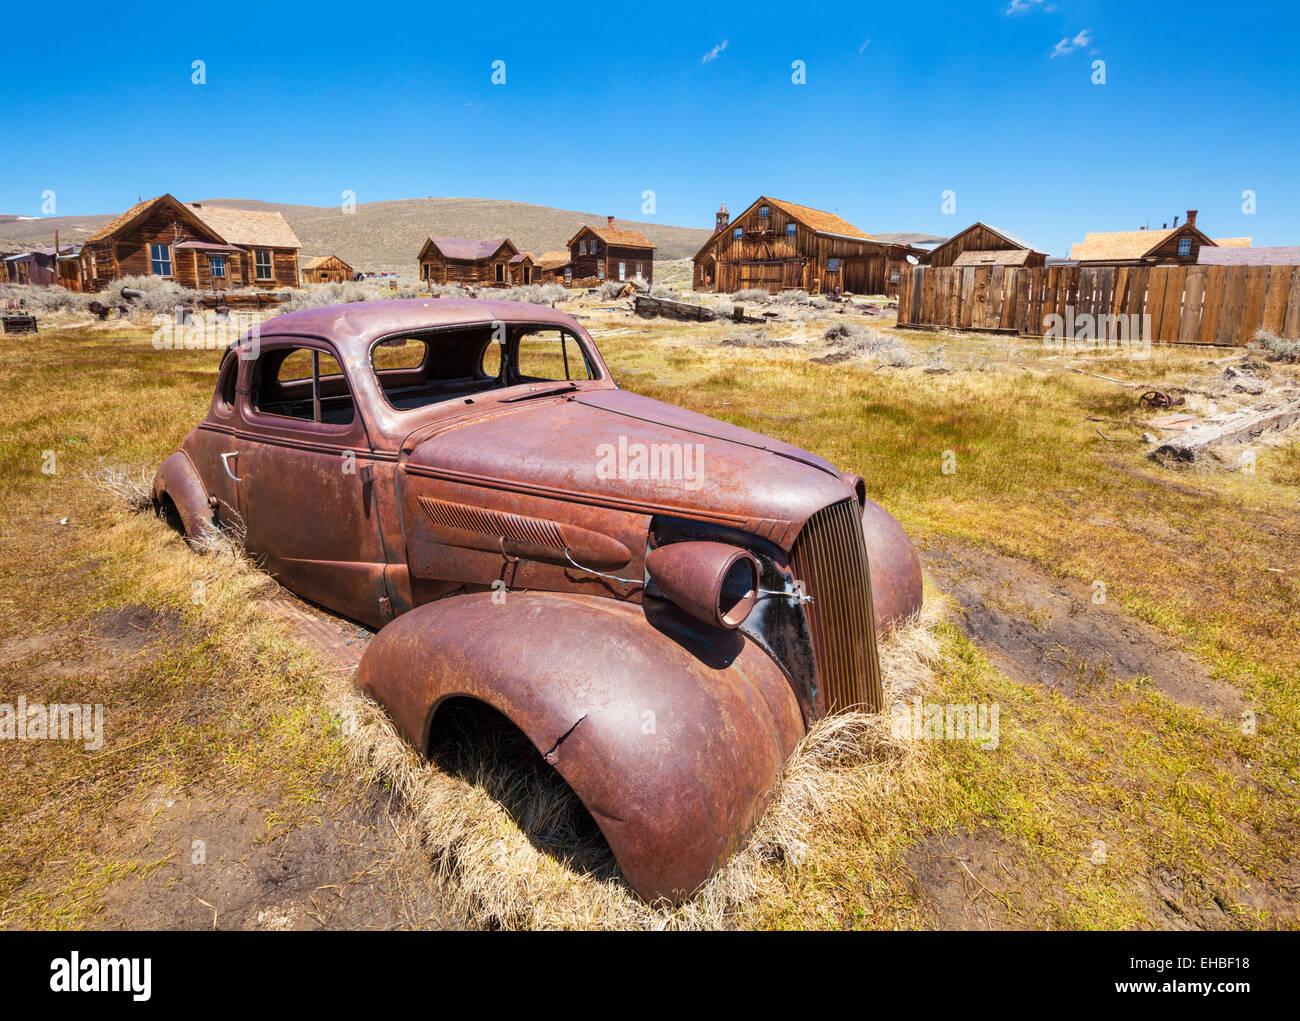 Arrugginimento auto in Bodie ghost town Bodie State Historic Park California USA Stati Uniti d'America Immagini Stock